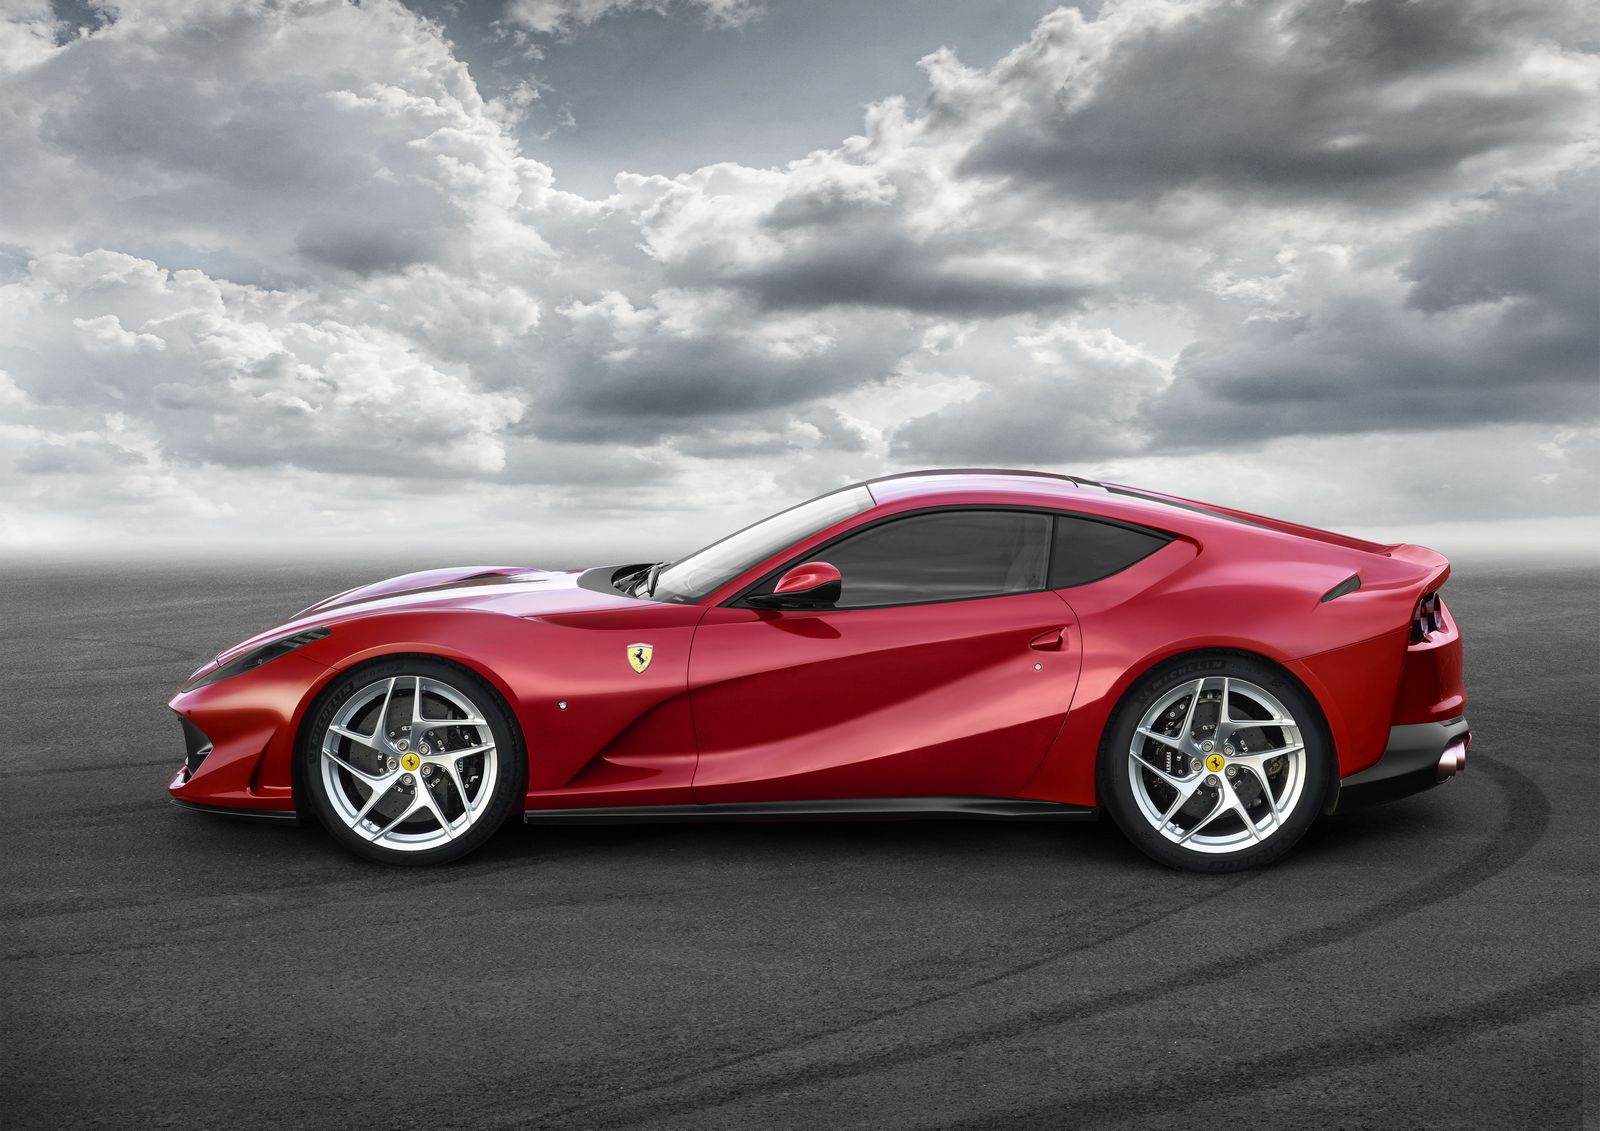 [Imagen: Ferrari%2B812%2BSuperfast%2B-2.jpg]